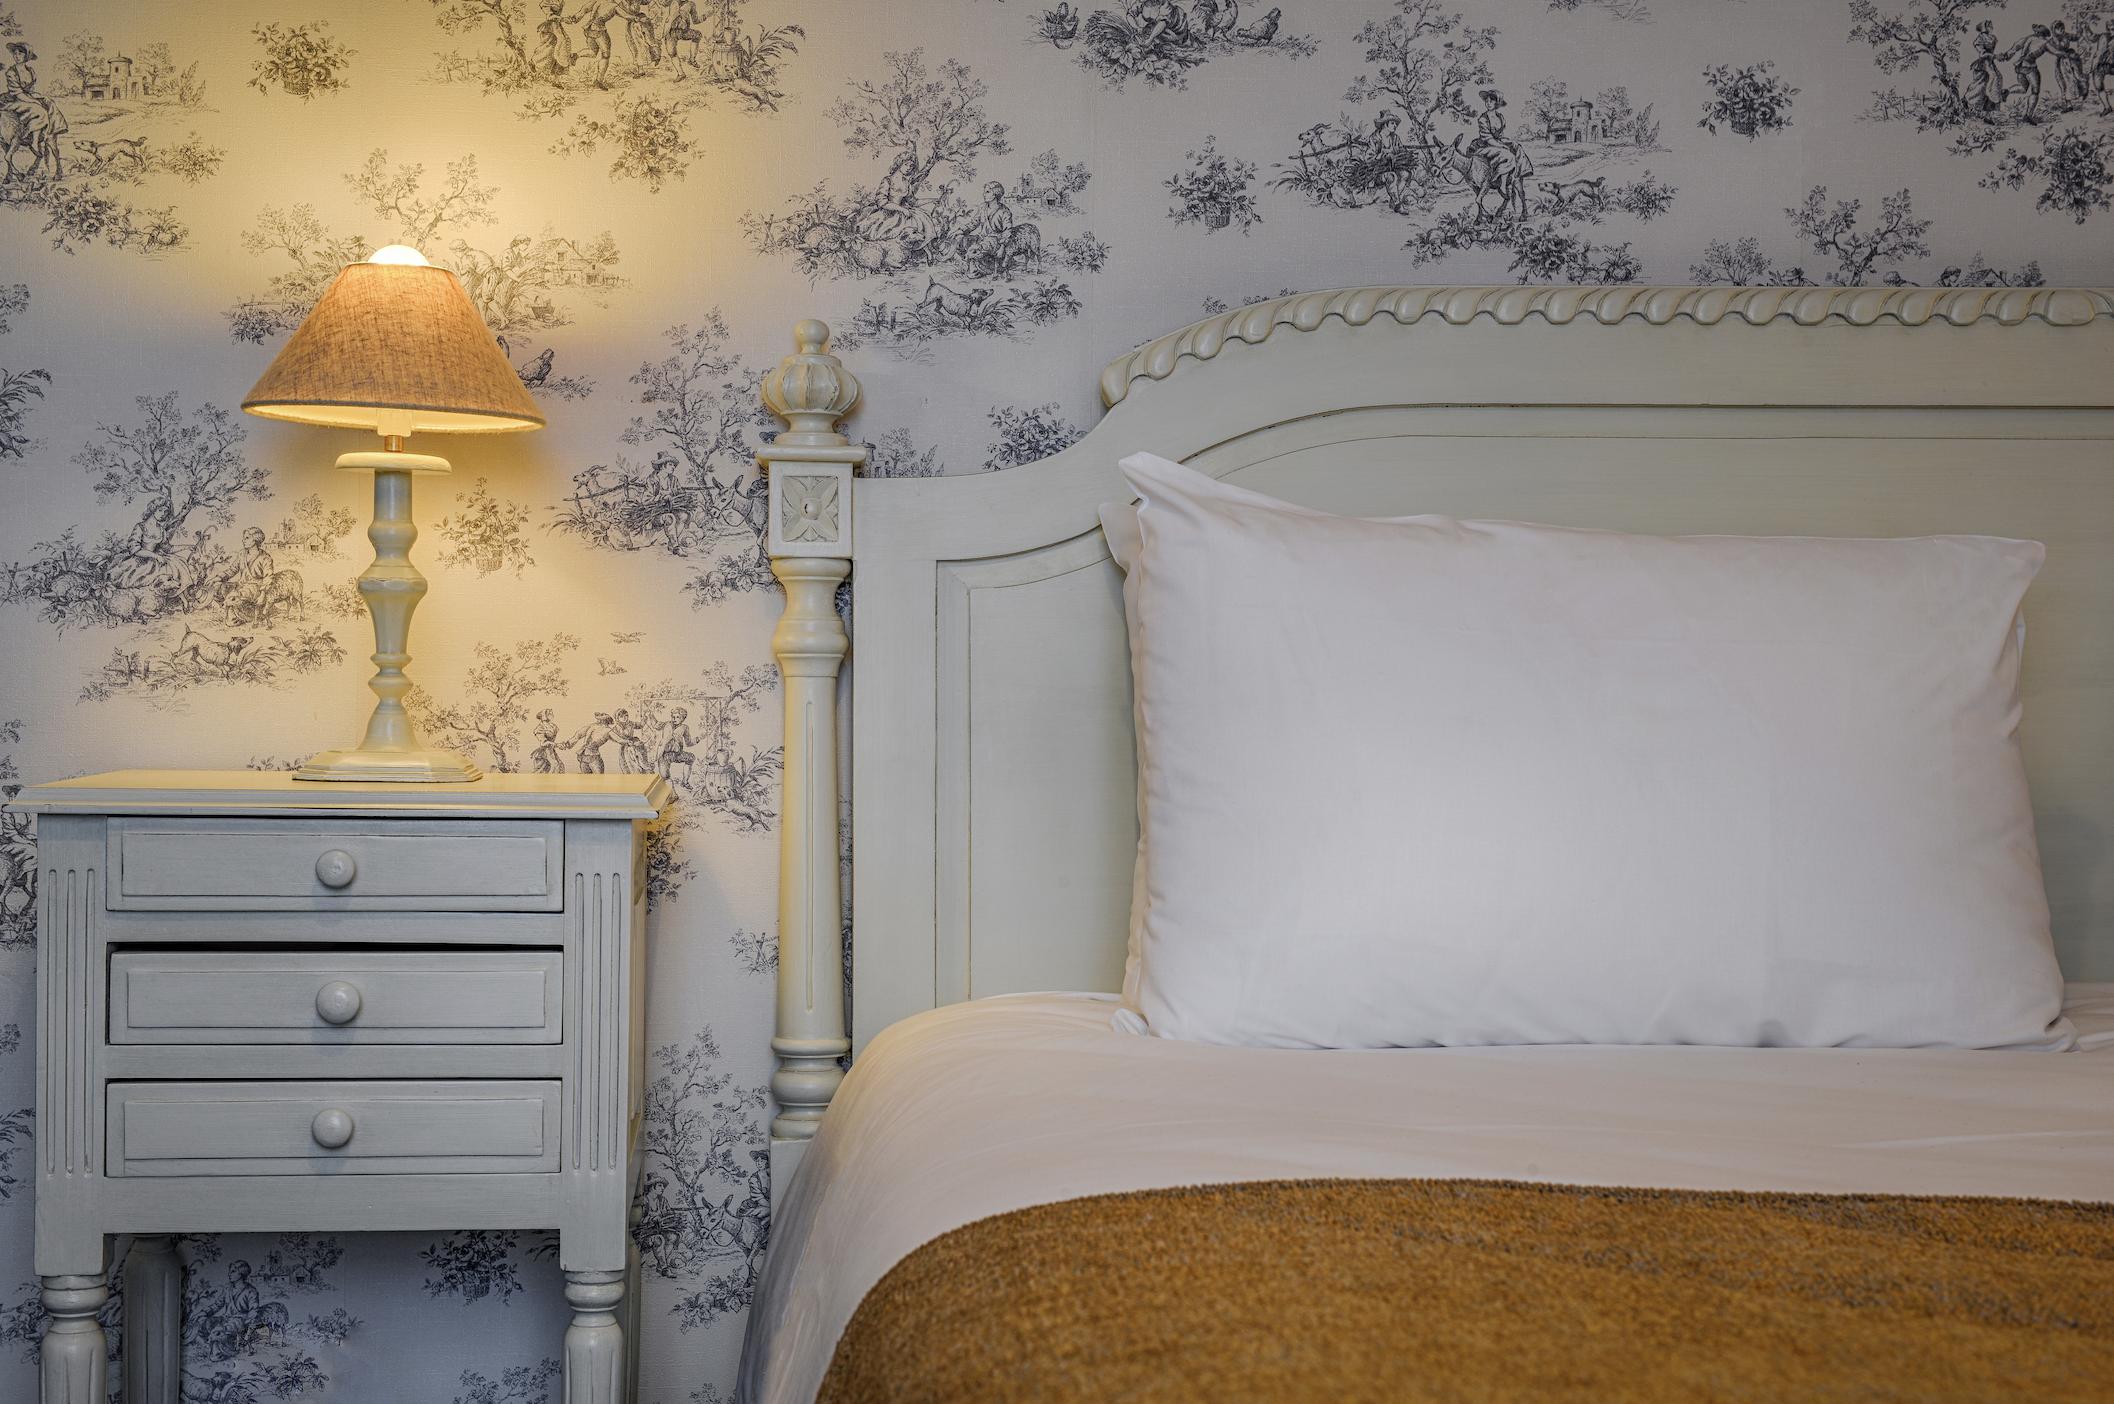 Idée décoration chambre adultes - Hôtel de charme La Villa Cap d